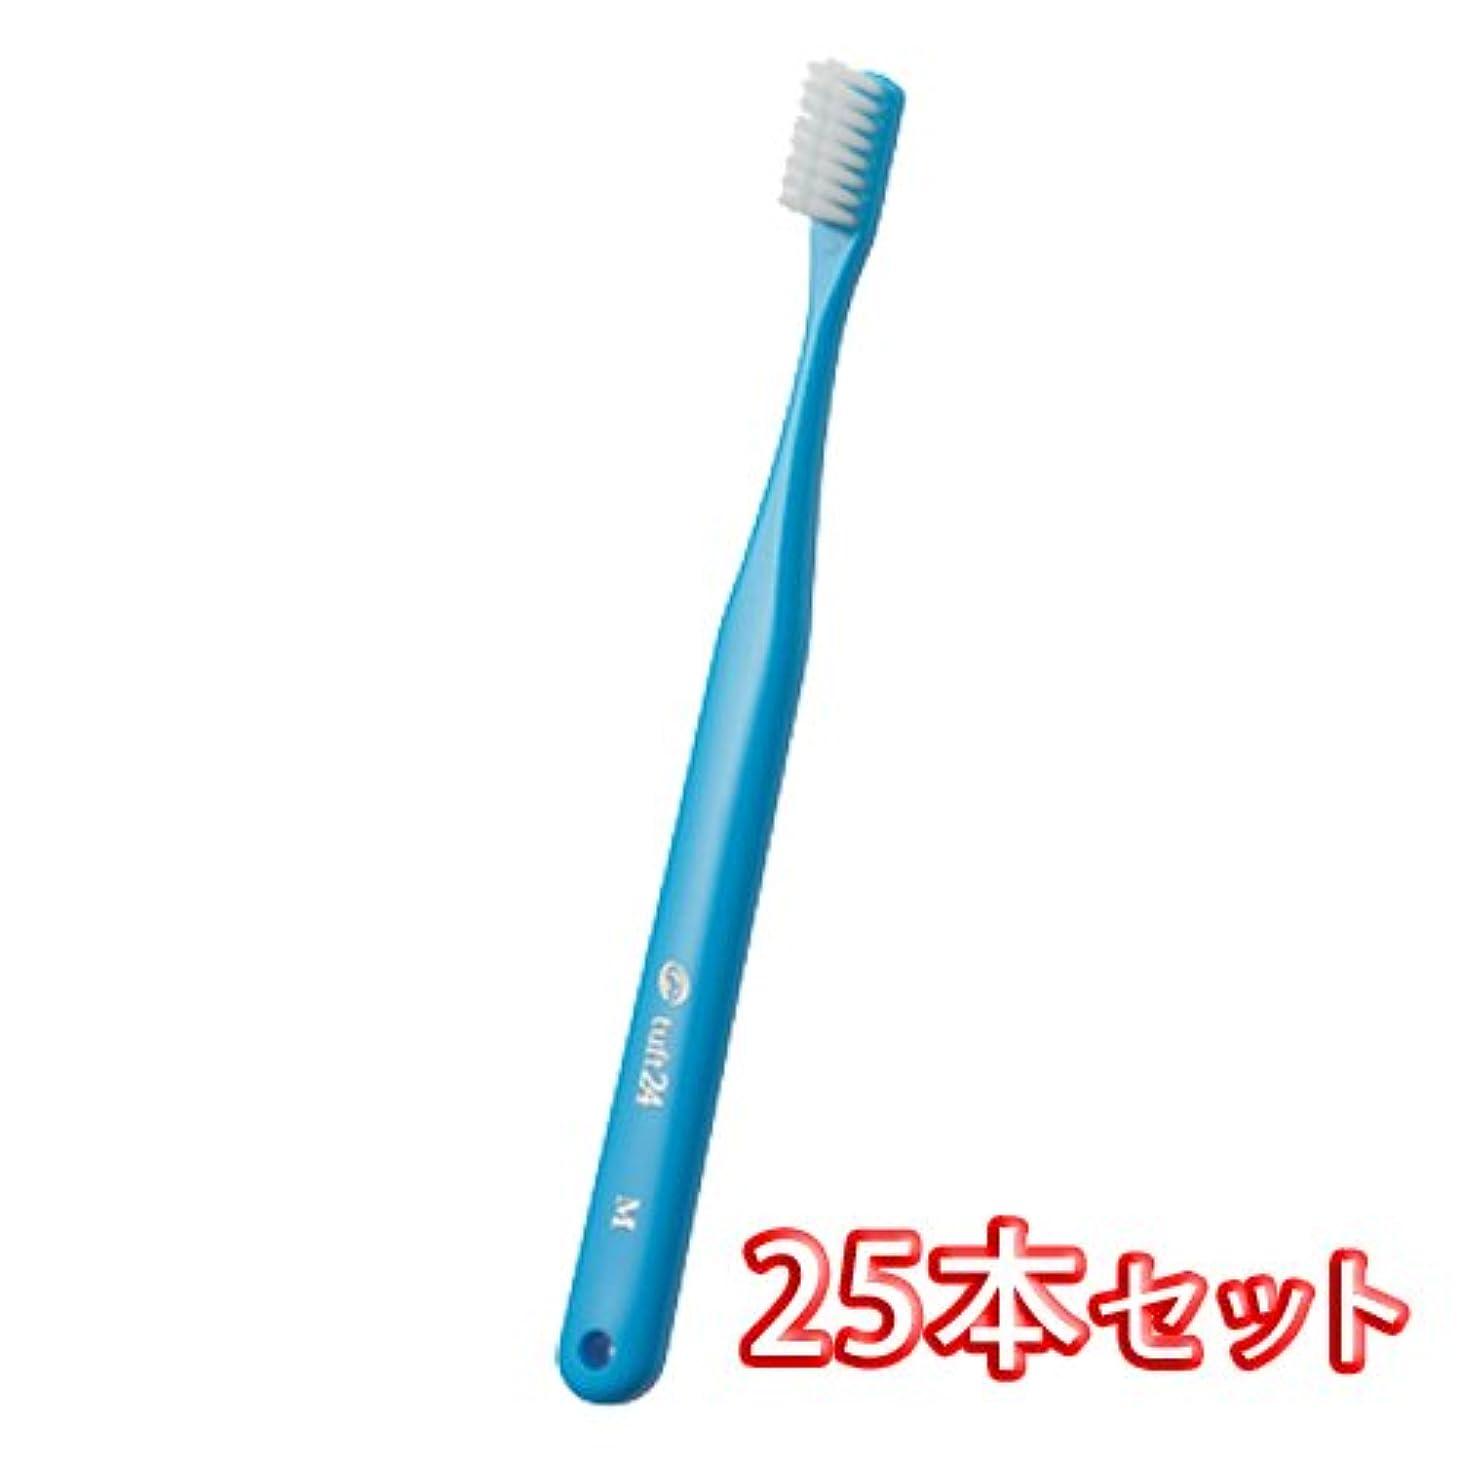 傭兵解読するライナーオーラルケア キャップ付き タフト 24 歯ブラシ 25本入 ミディアムソフト MS (ブルー)